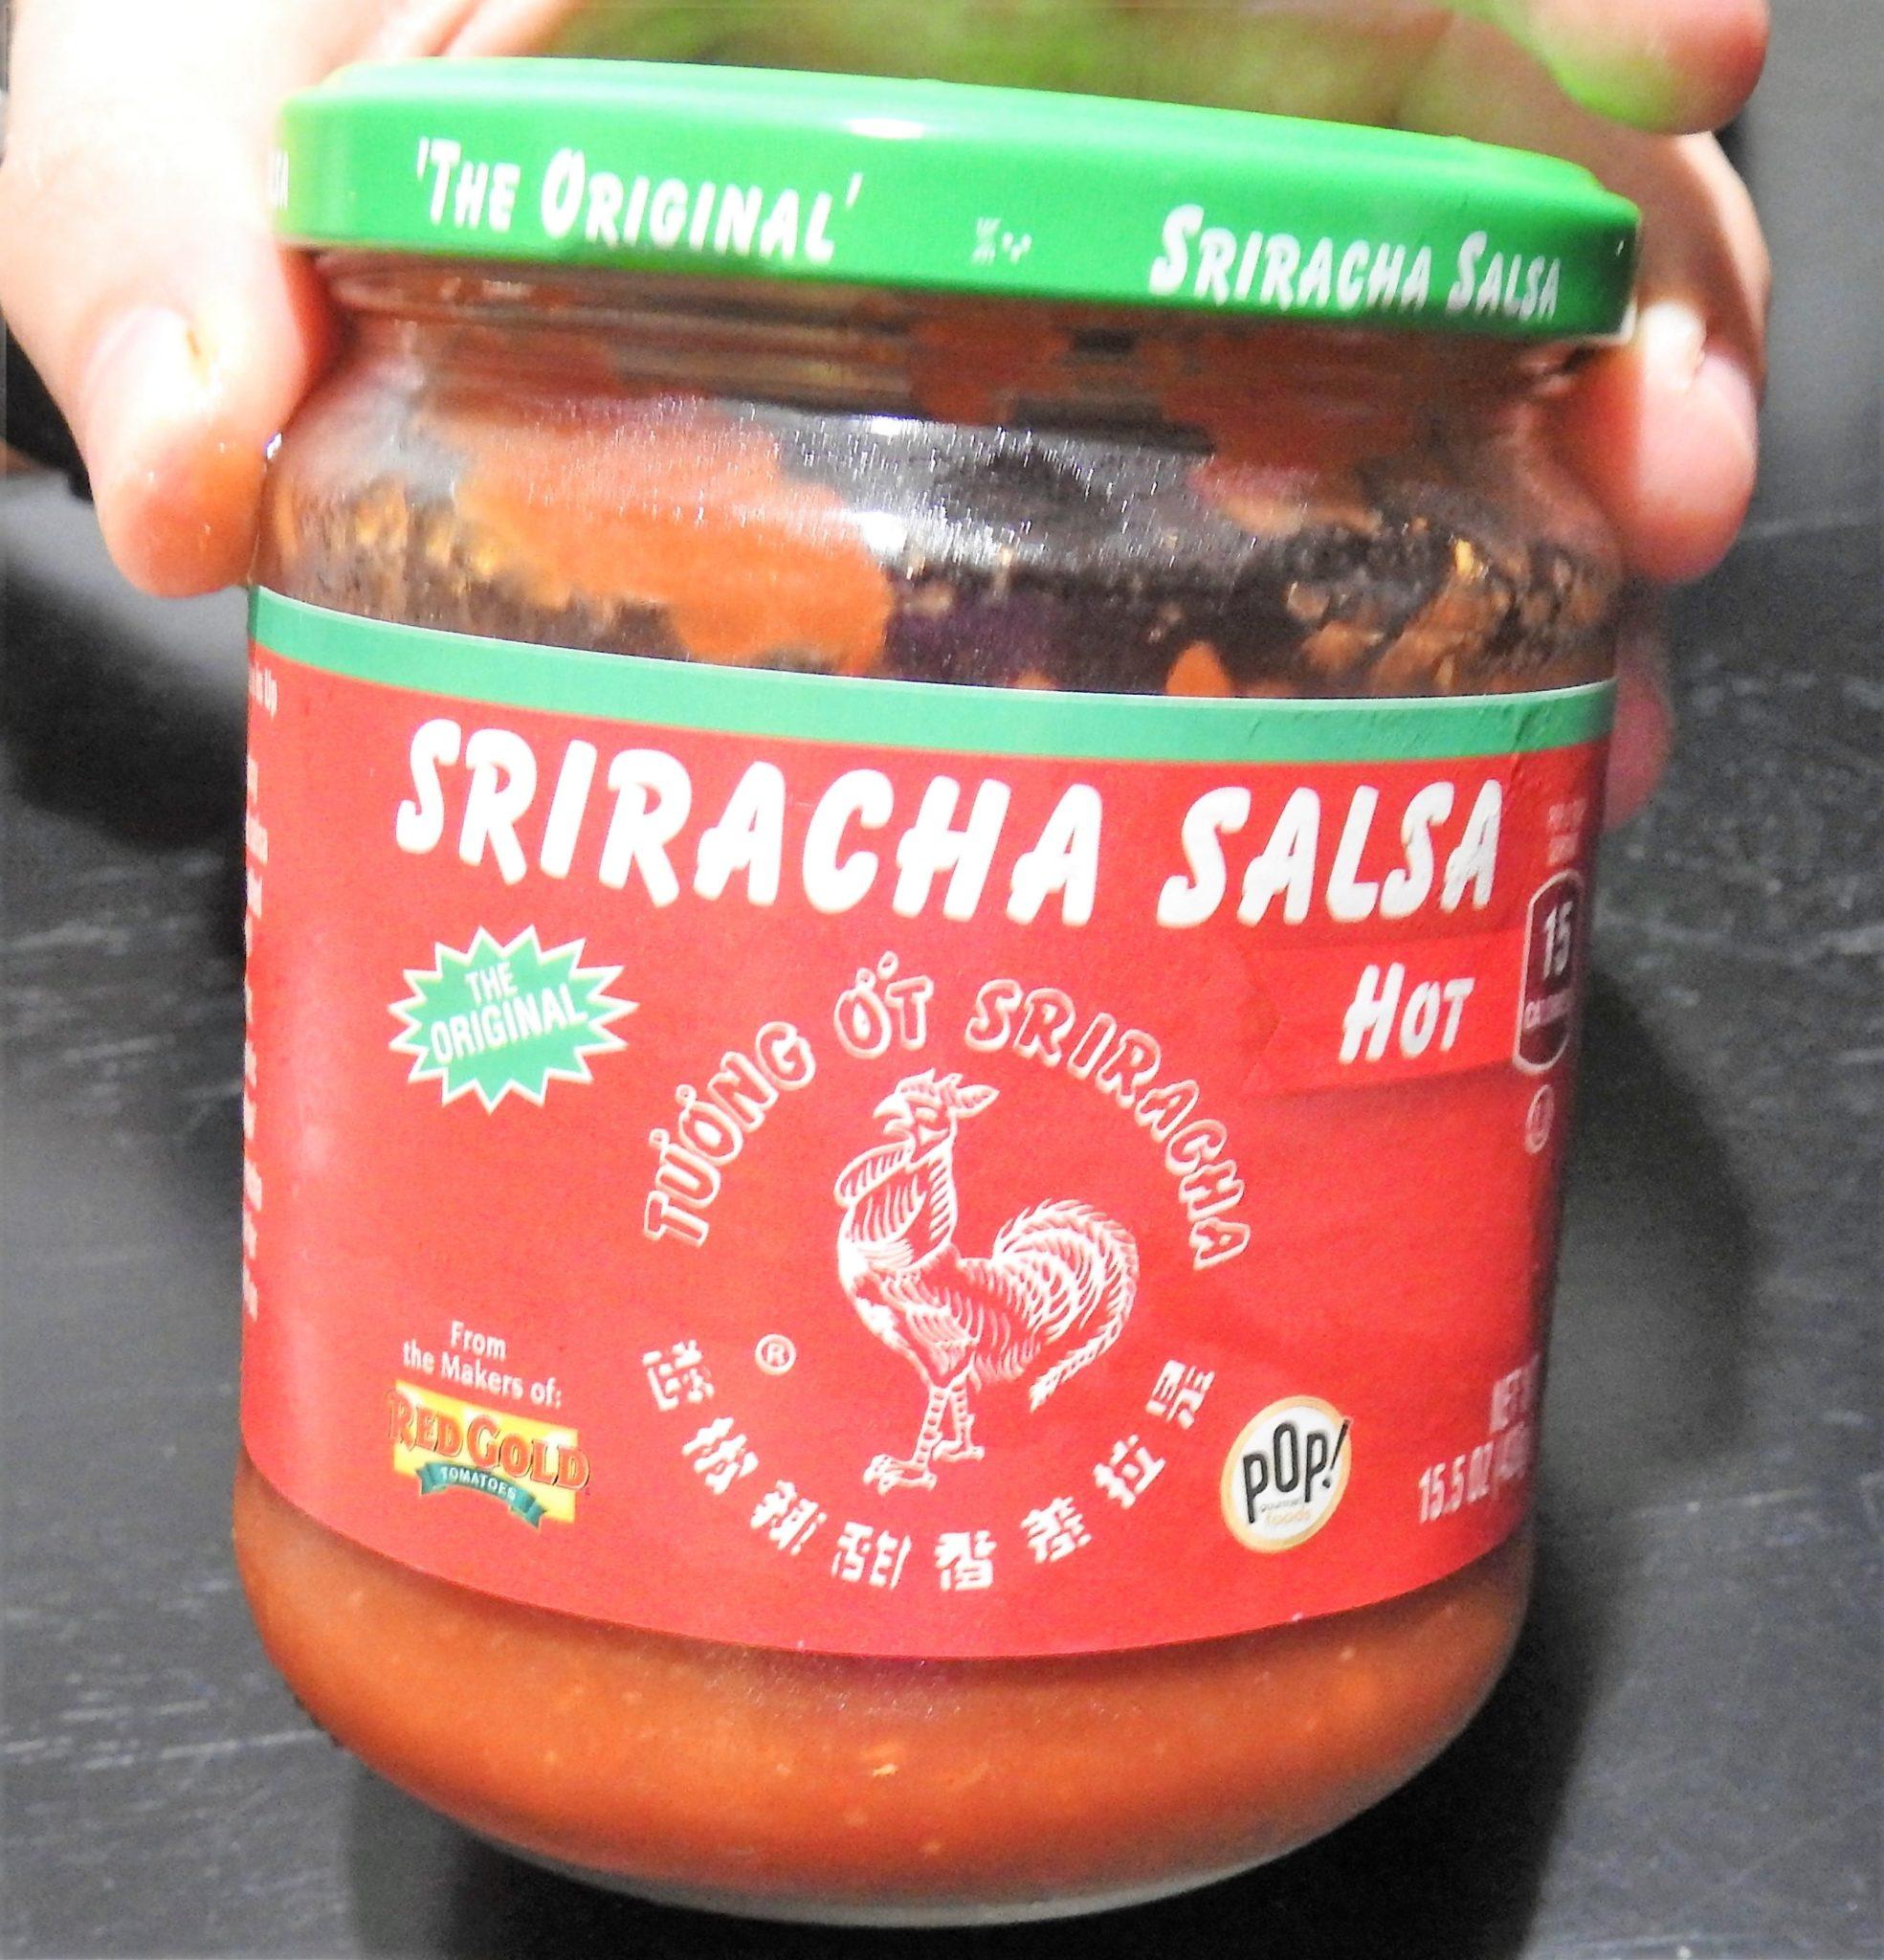 sriracha salsa